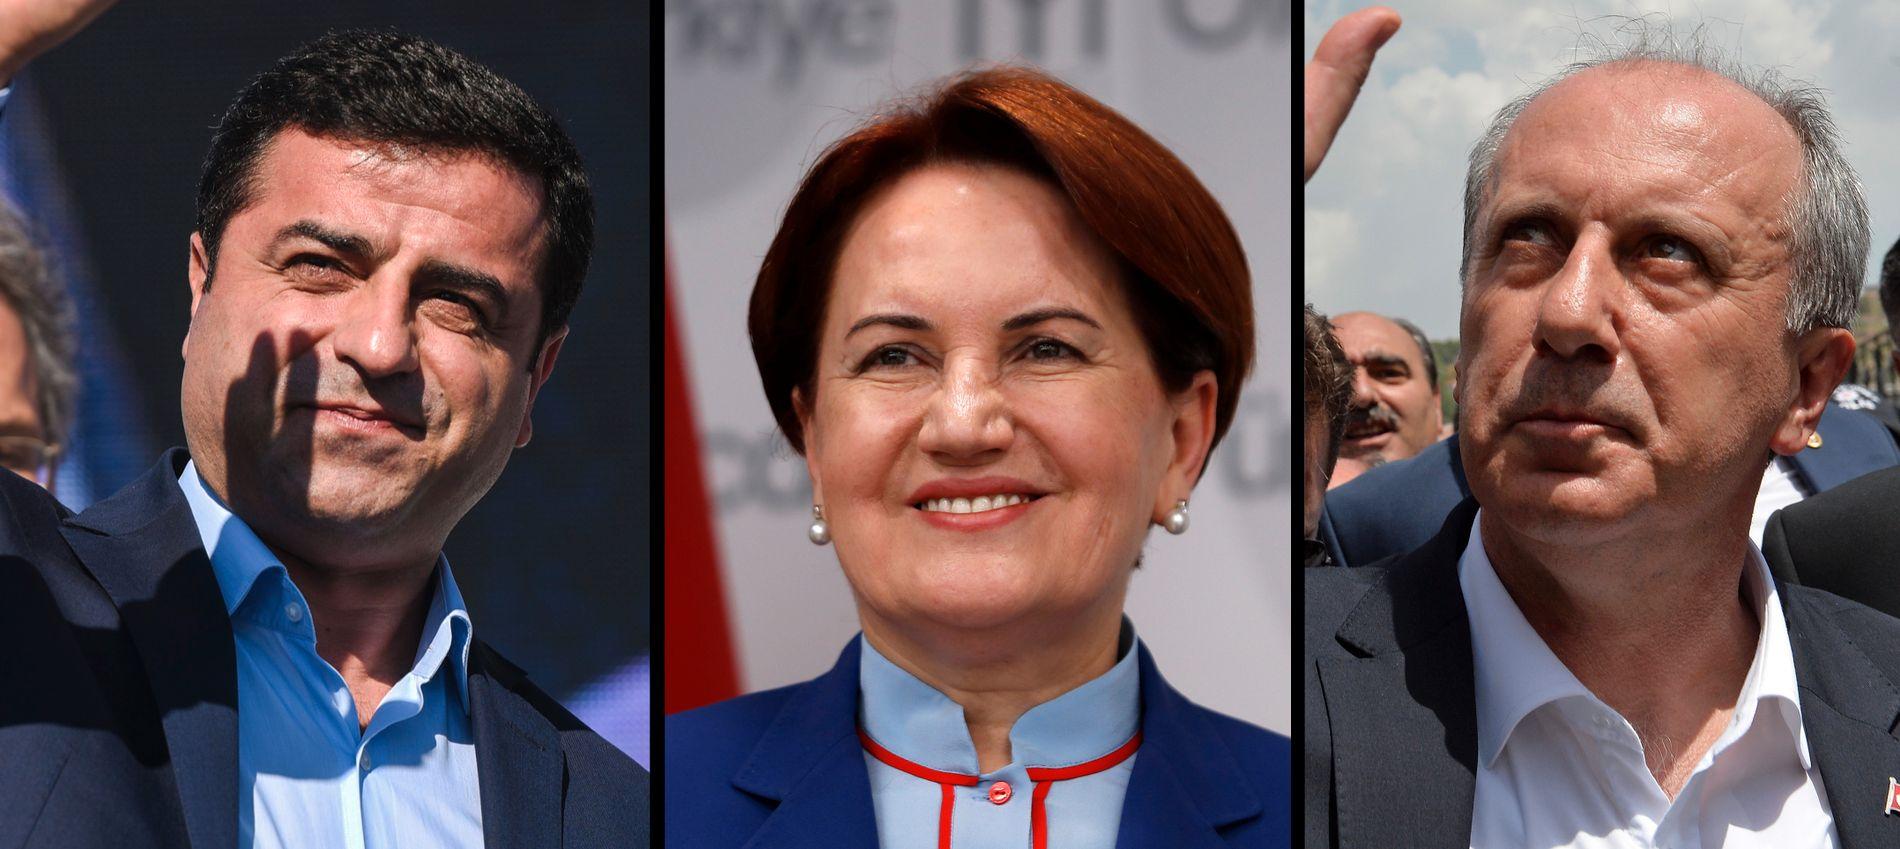 VIL BLI PRESIDENT: President Erdogan er favoritt til å vinne valget, men møter konkurranse fra HDP-leder Selahattin Demirtas (t.v.), Iyi Parti-leder Meral Aksener og CHP-parlamentariker Muhrarrem Ince.